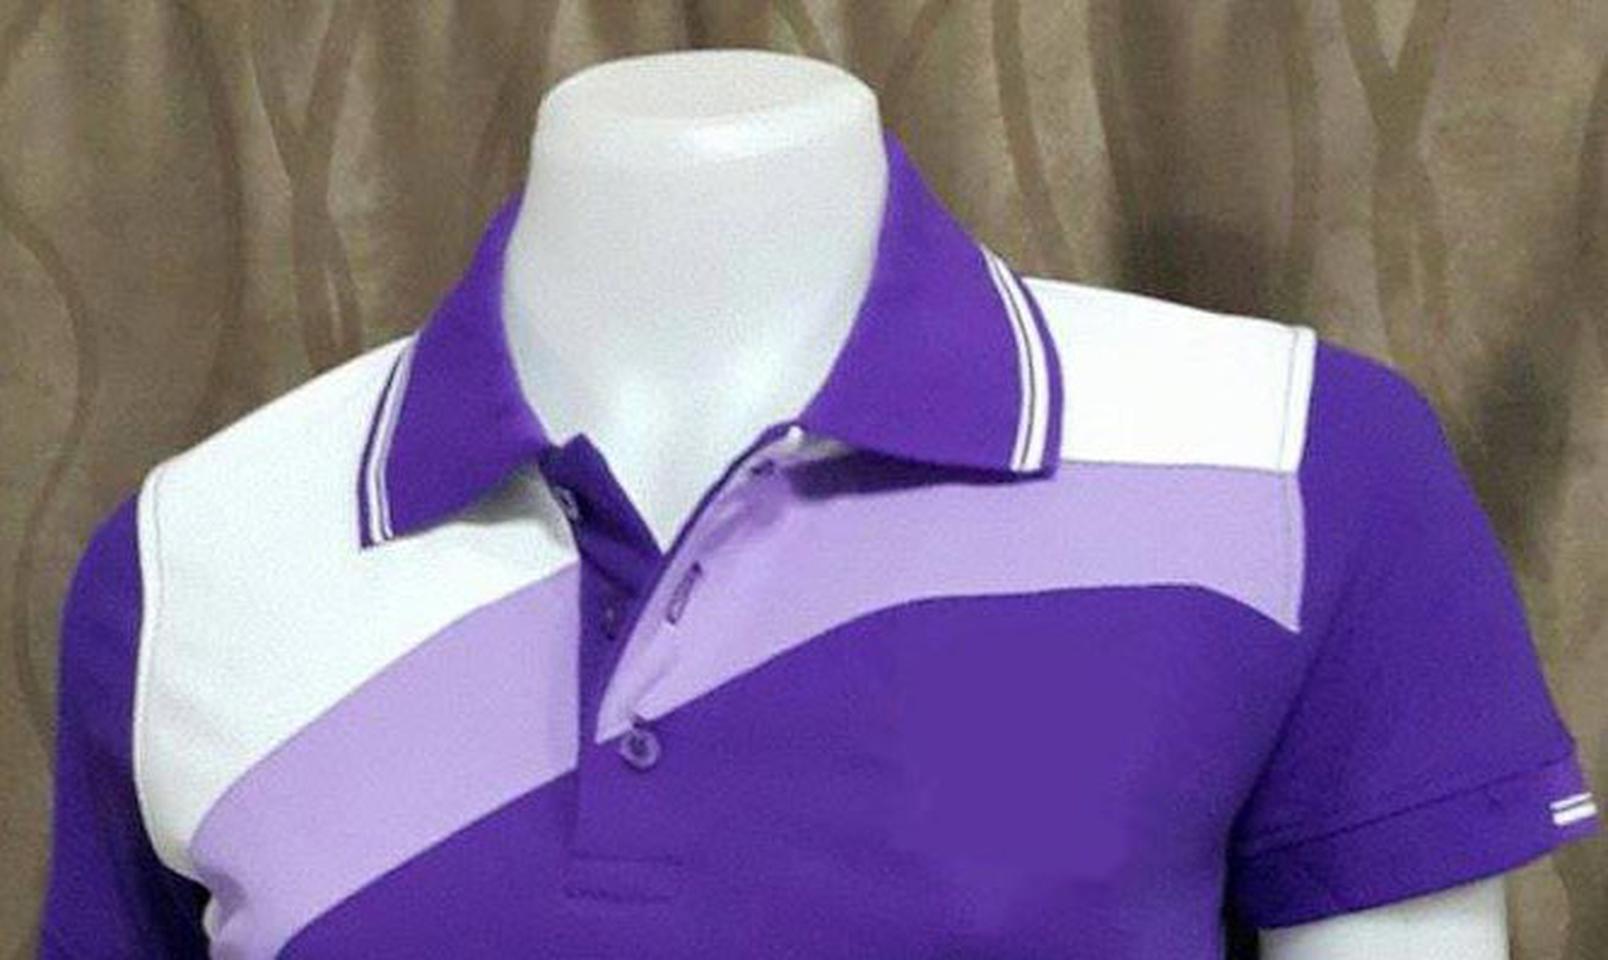 เสื้อโปโลสำเร็จรูปตัดต่อ สีม่วงแบบสไลท์ ทรงสปอร์ต รูปที่ 2